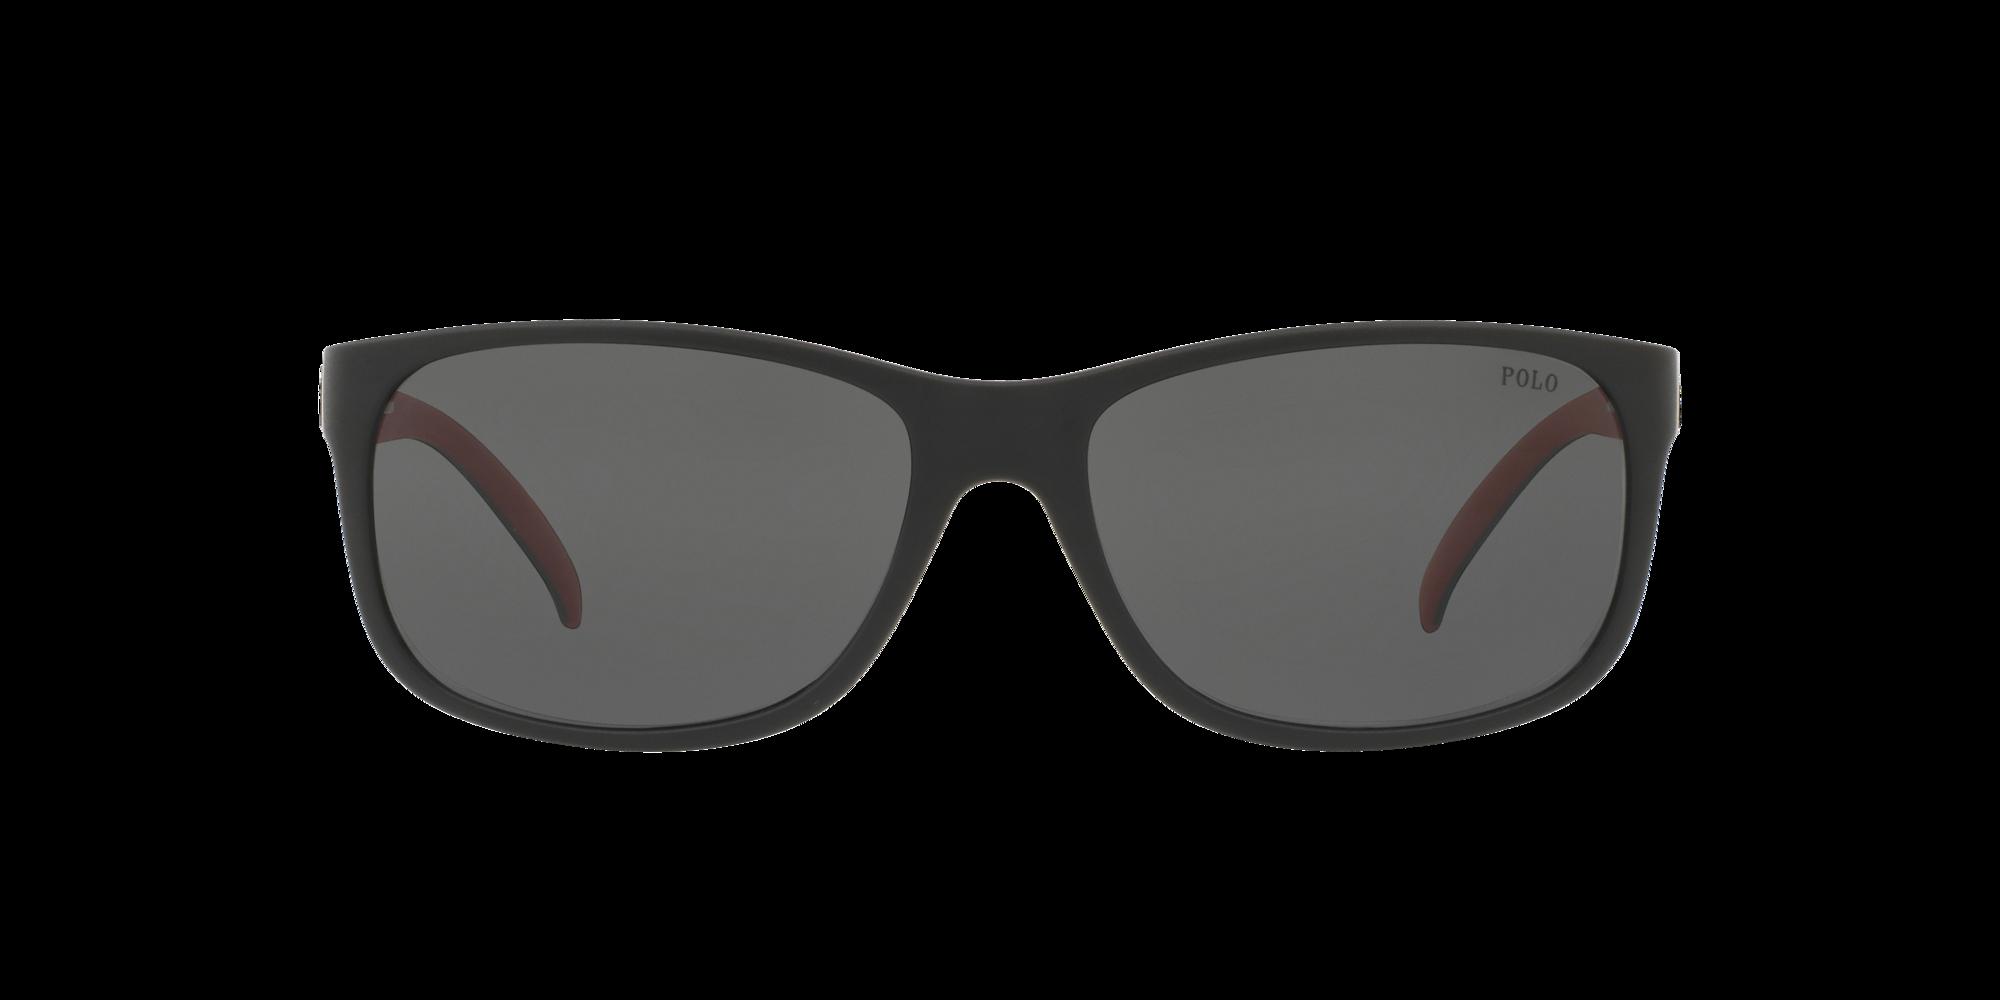 Imagen para PH4109 59 de LensCrafters |  Espejuelos, espejuelos graduados en línea, gafas